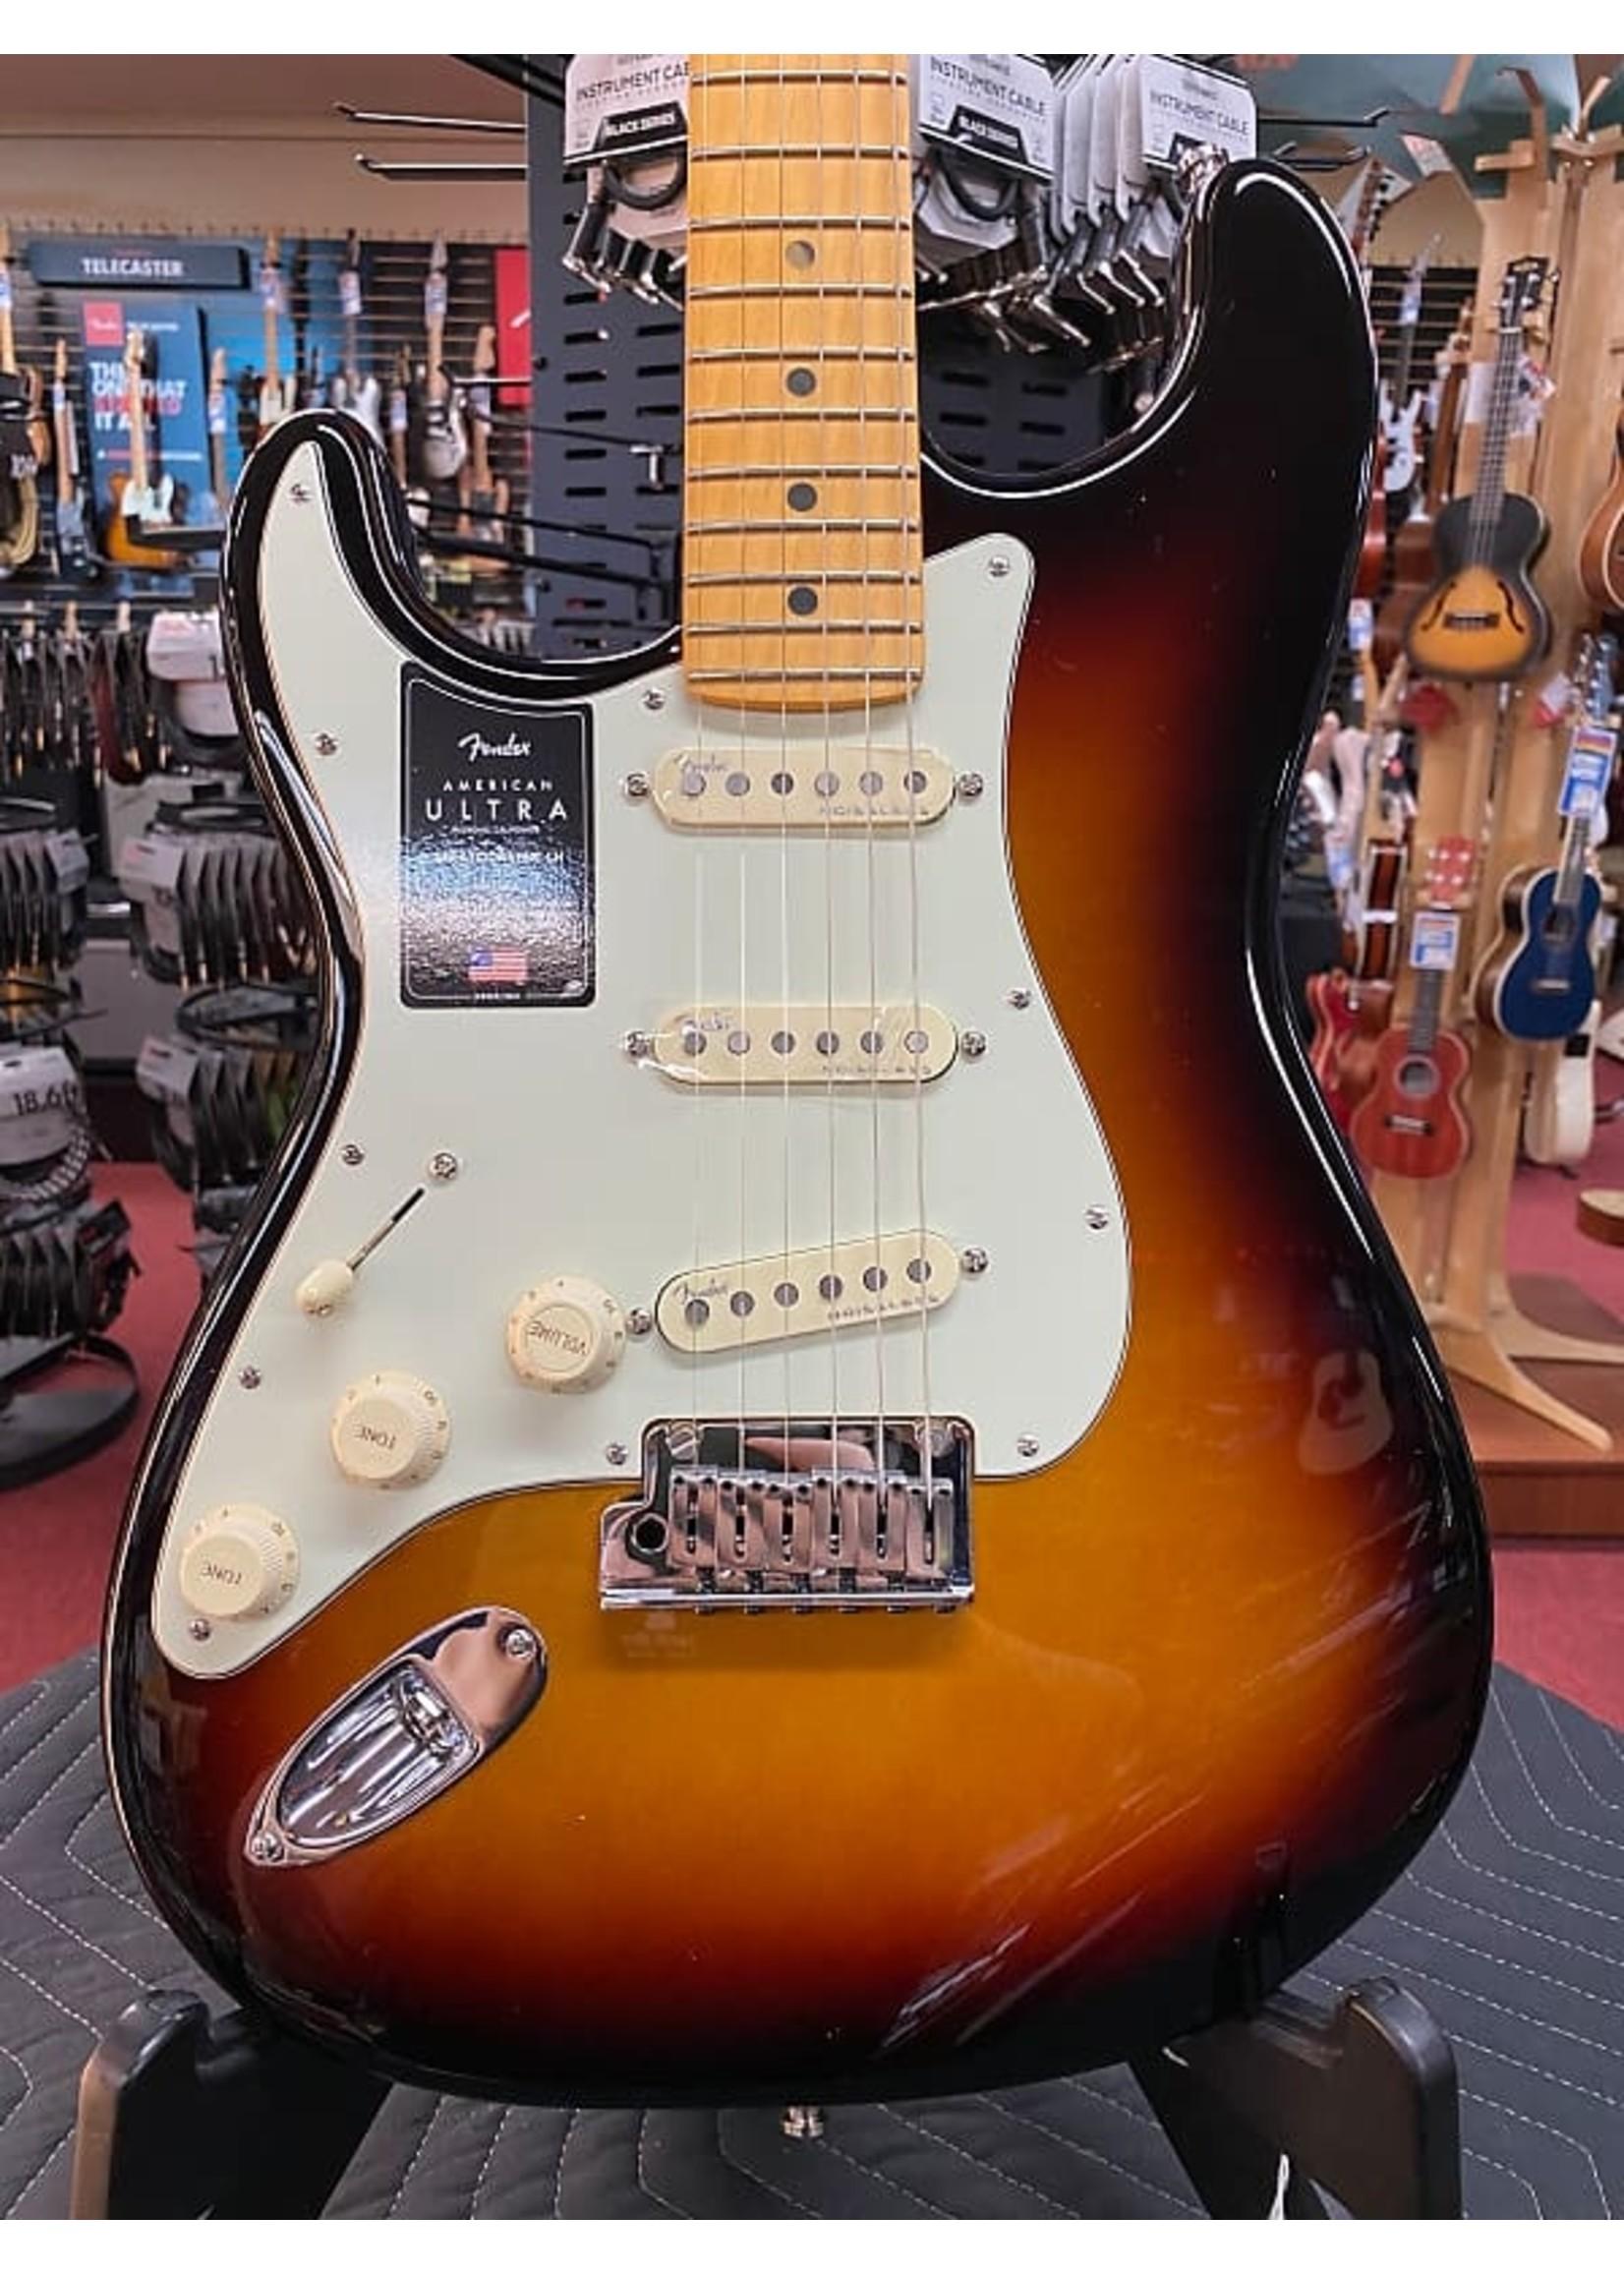 Fender Fender American Ultra Stratocaster® Left-Hand, Maple Fingerboard, Ultraburst